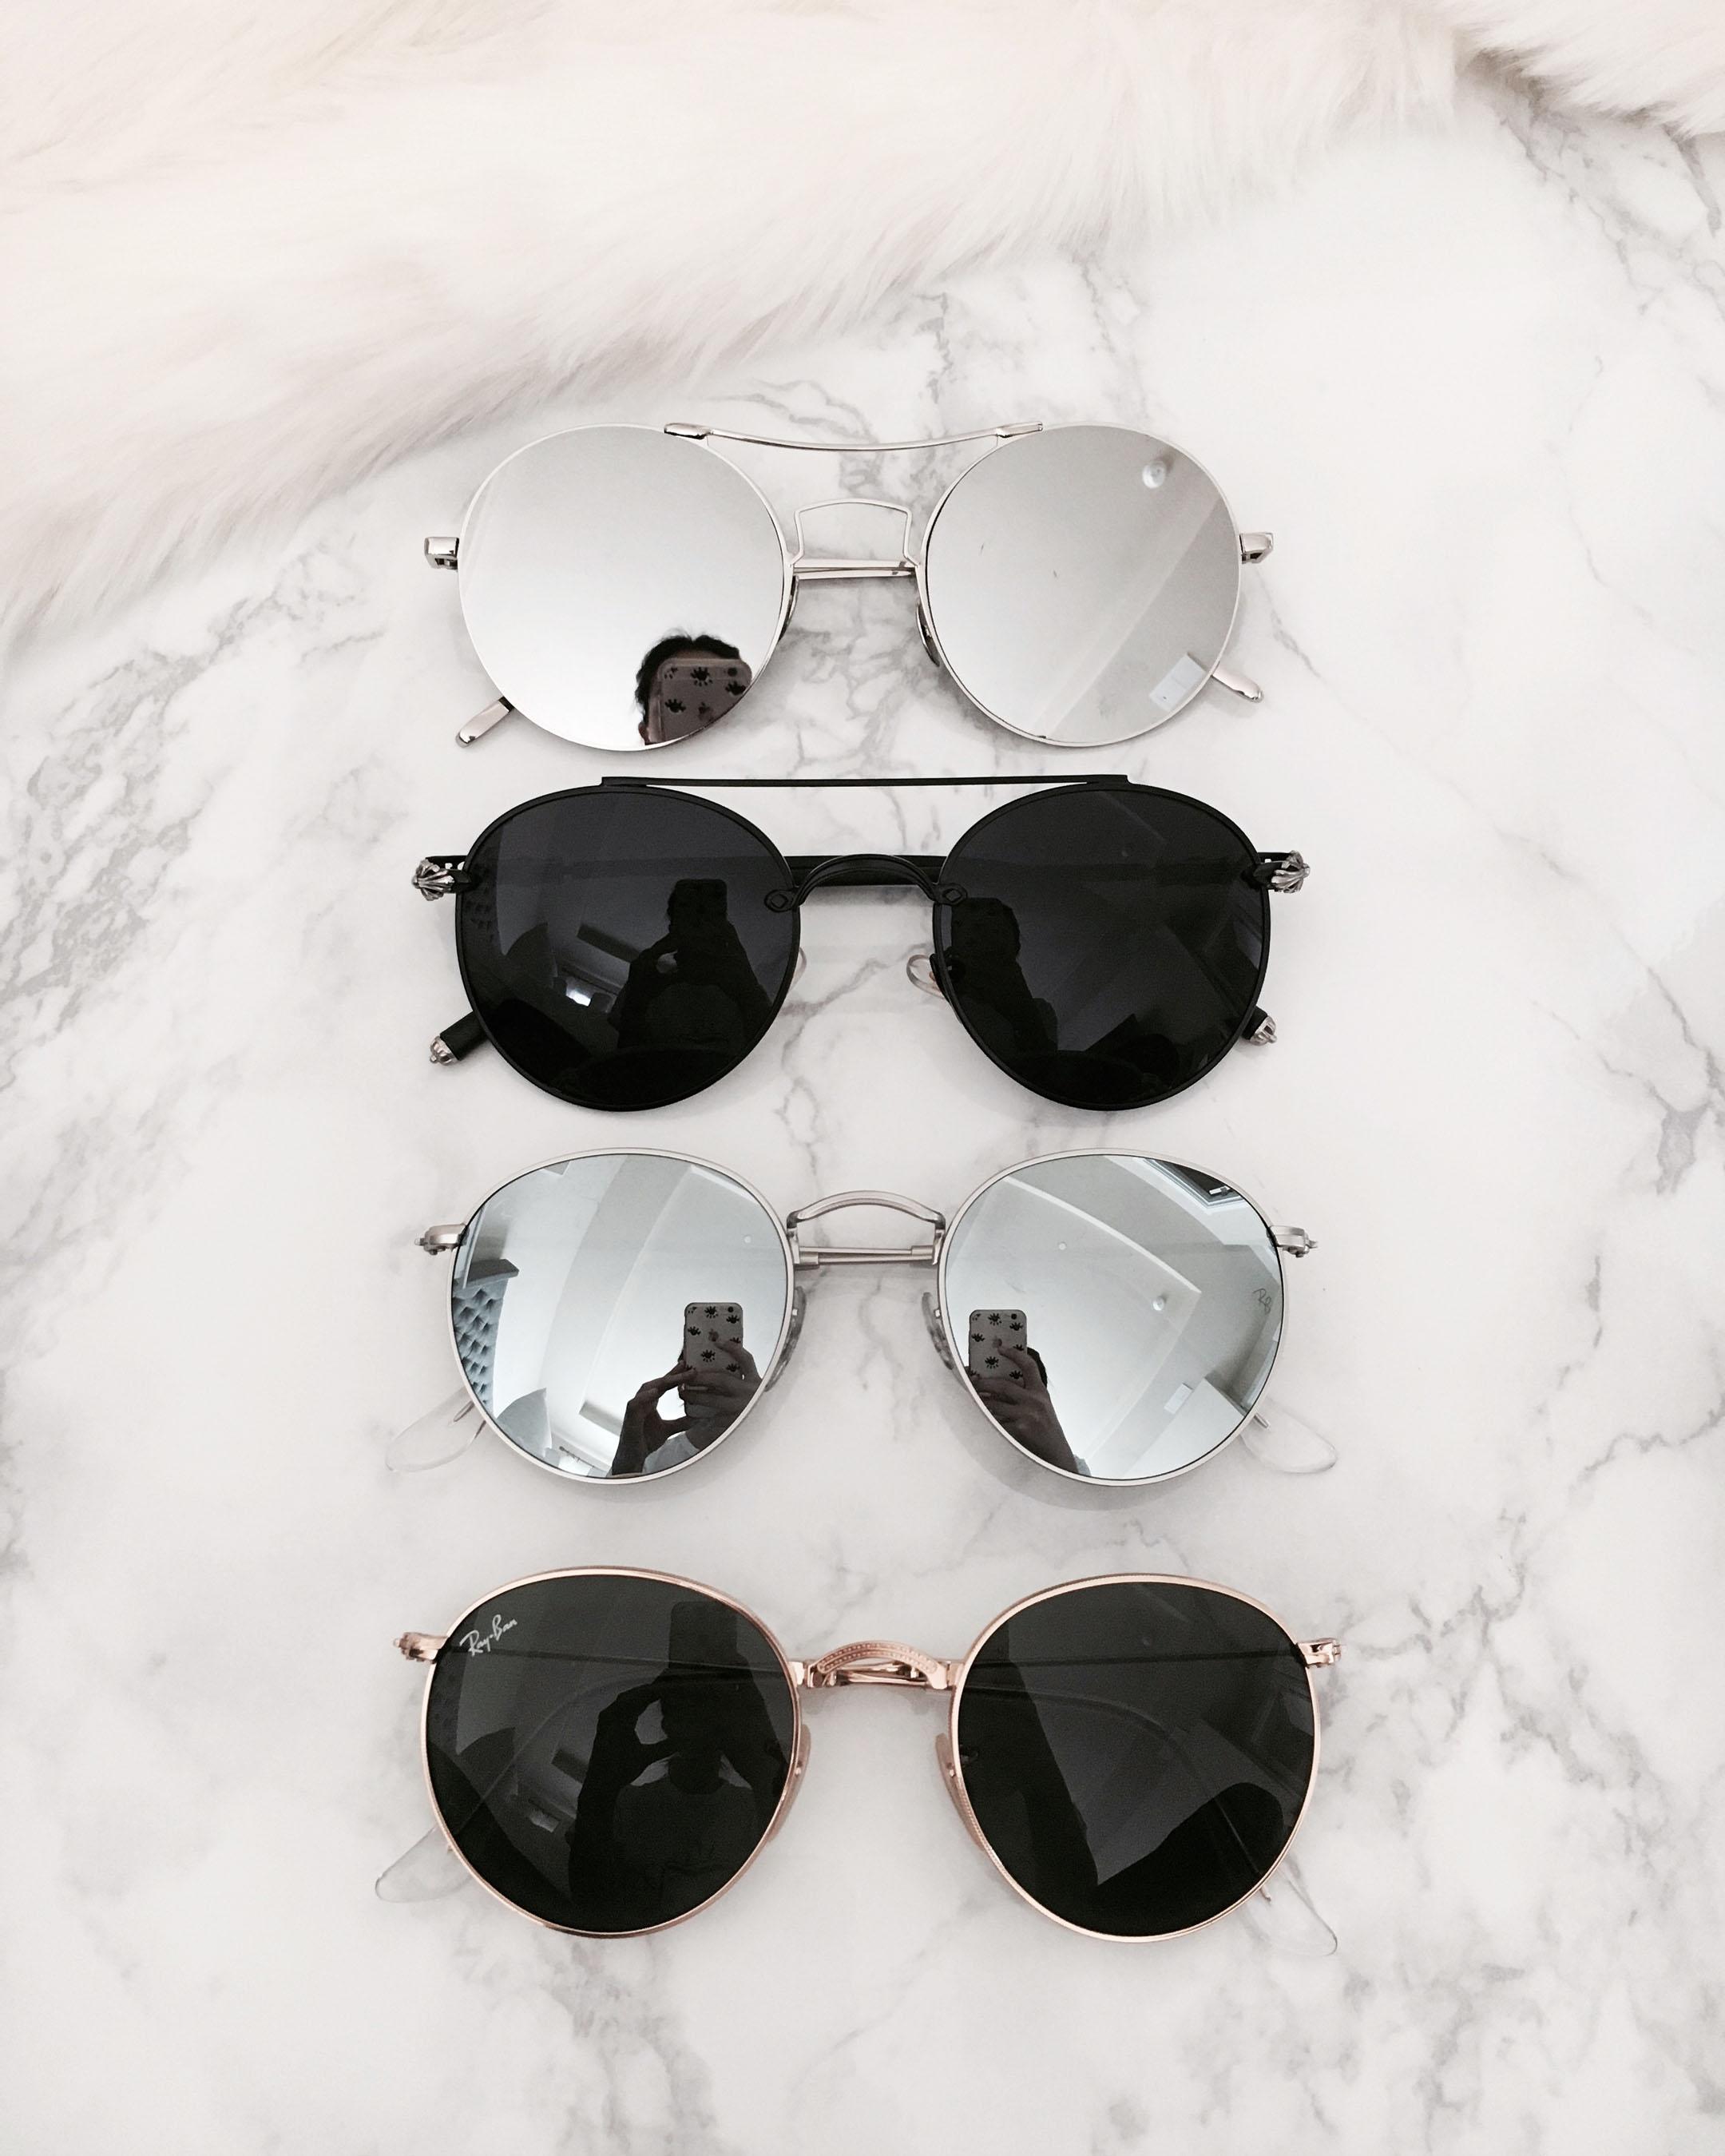 Shevoke sunglasses